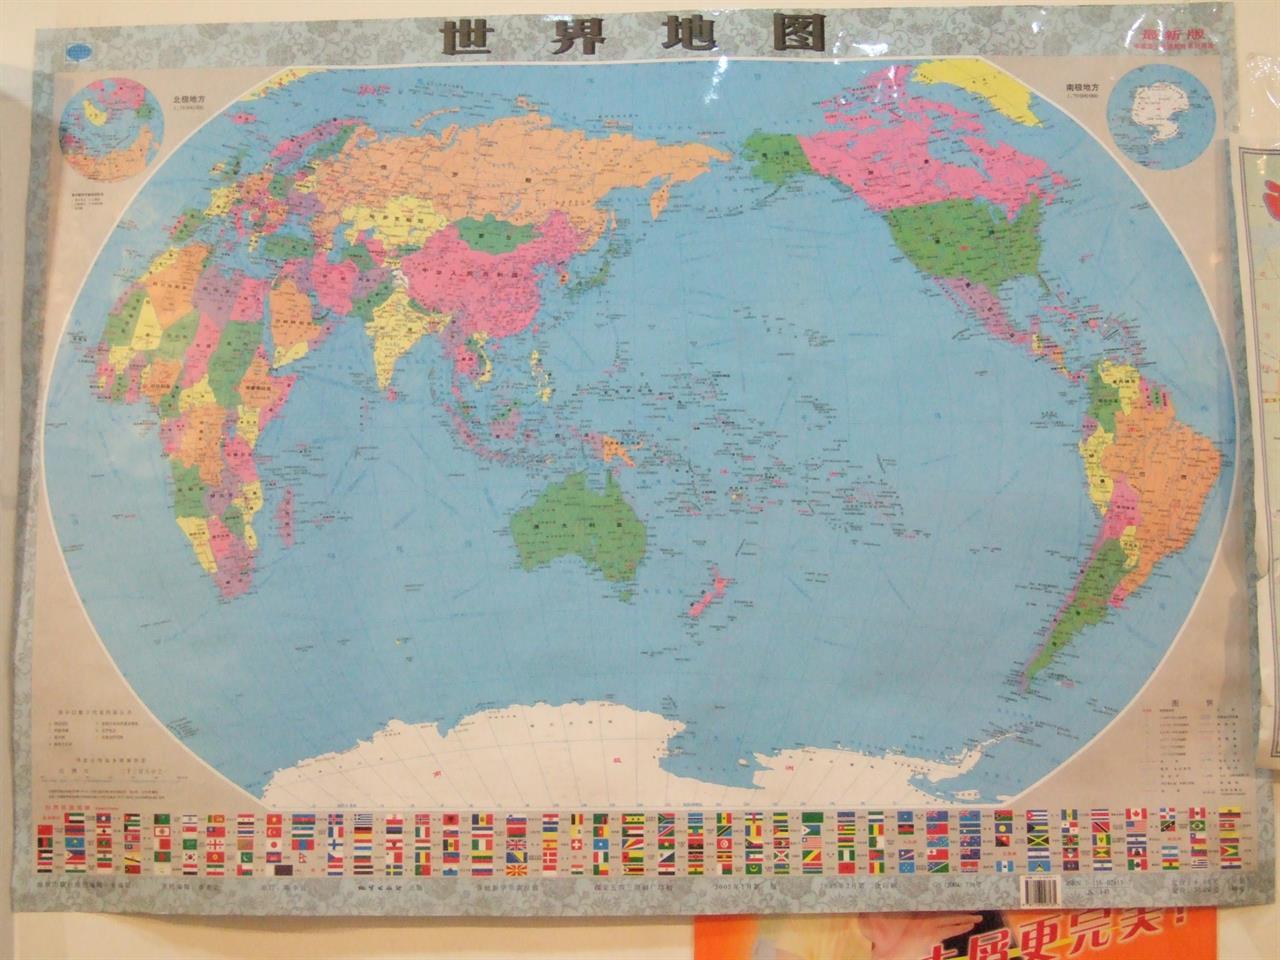 La Cina Cartina Politica.La Mappa Che Mette La Cina Al Centro Del Mondo Linkiesta It